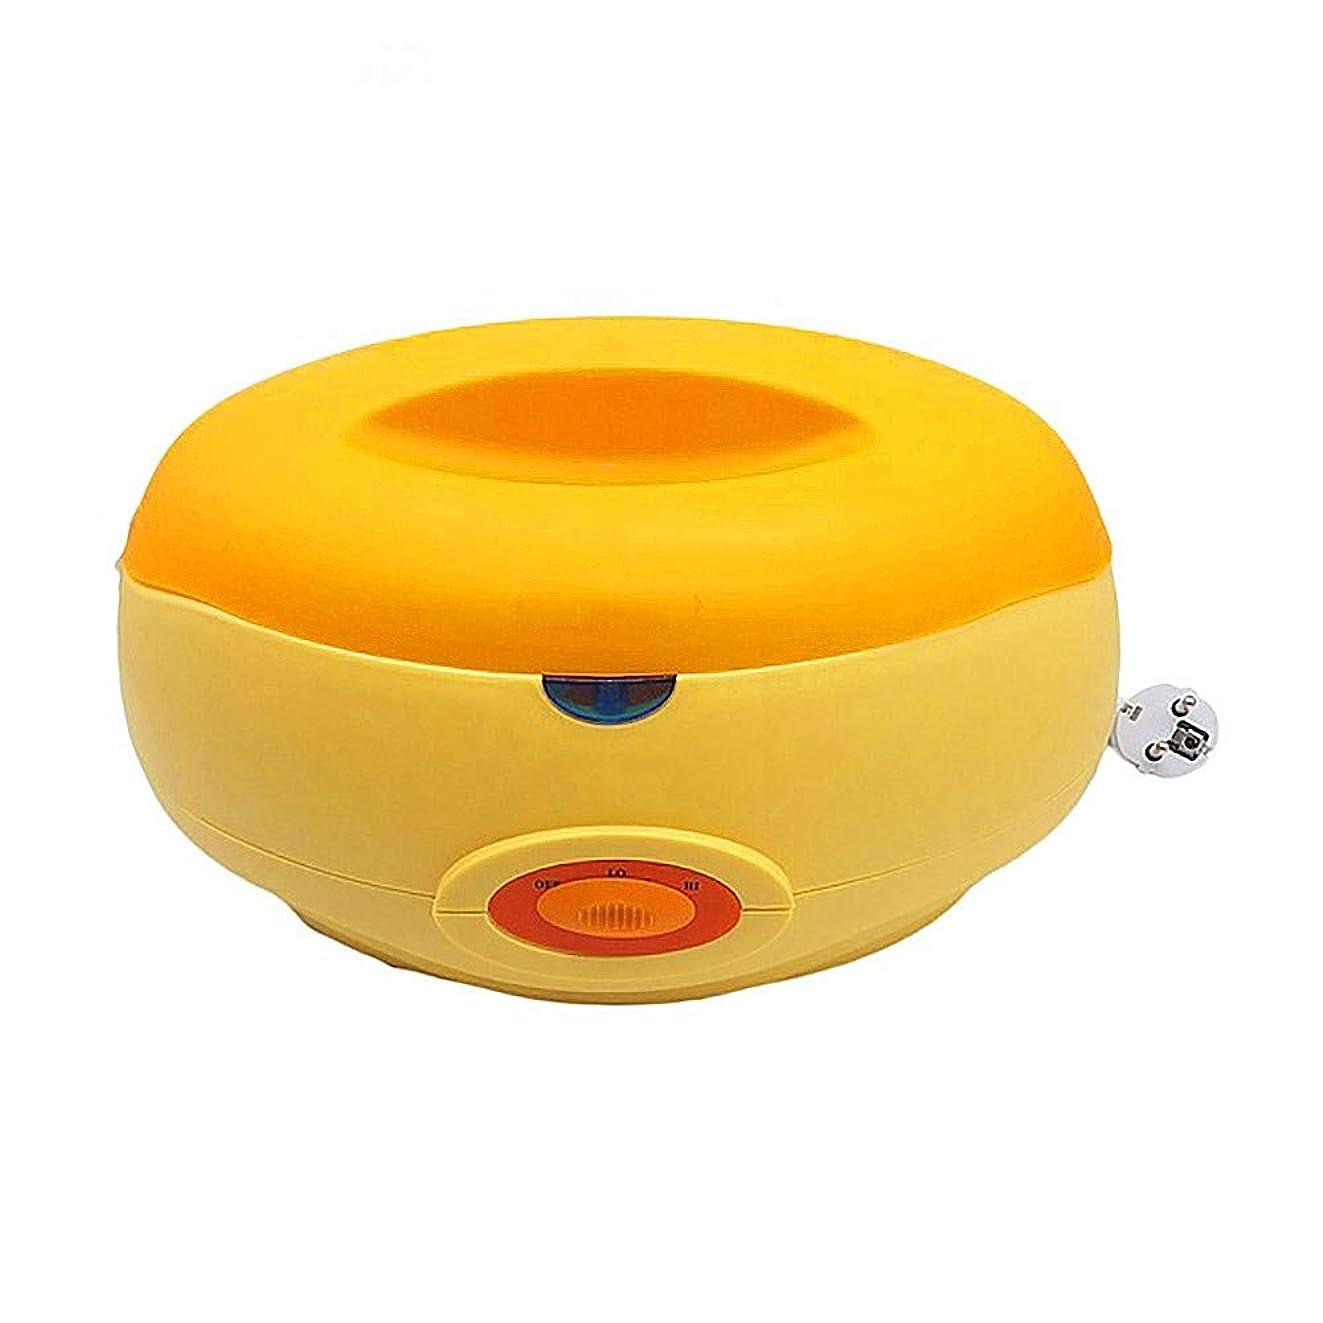 シャイニングプライバシー似ているフットタブ、パラフィンワックスヒーターマシンの熱パラフィン浴顔のケア、ハンドケア、フットケアの熱療法